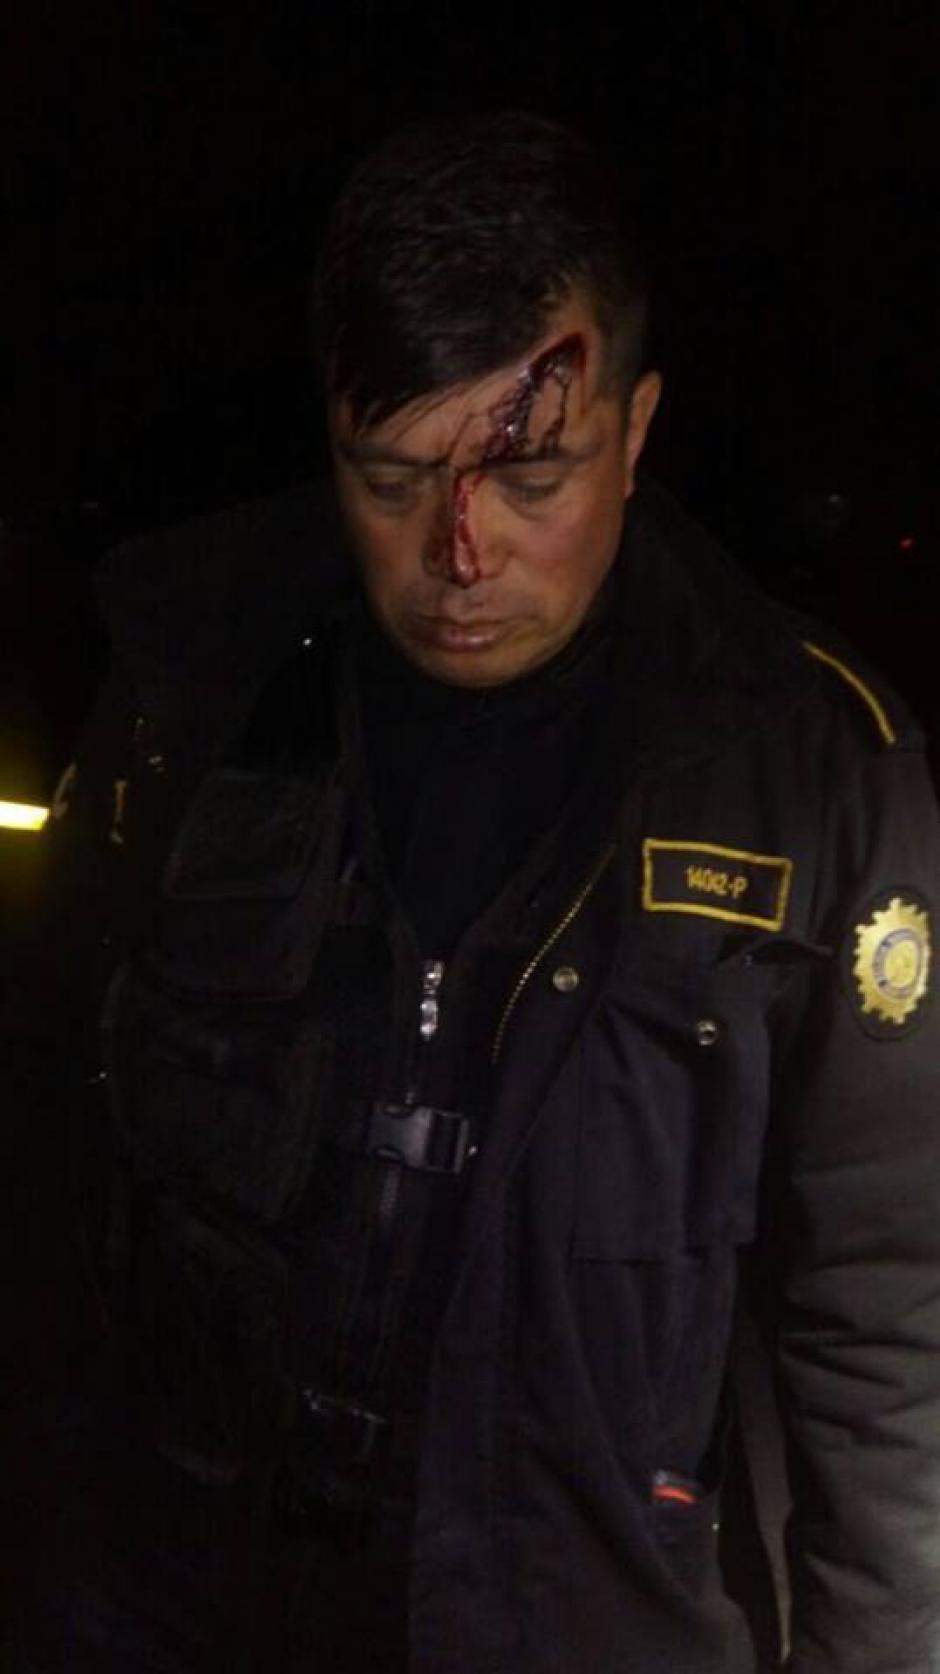 Uno de los agentes recibió un golpe en la cabeza. (Foto: Stereo 100/Facebook)